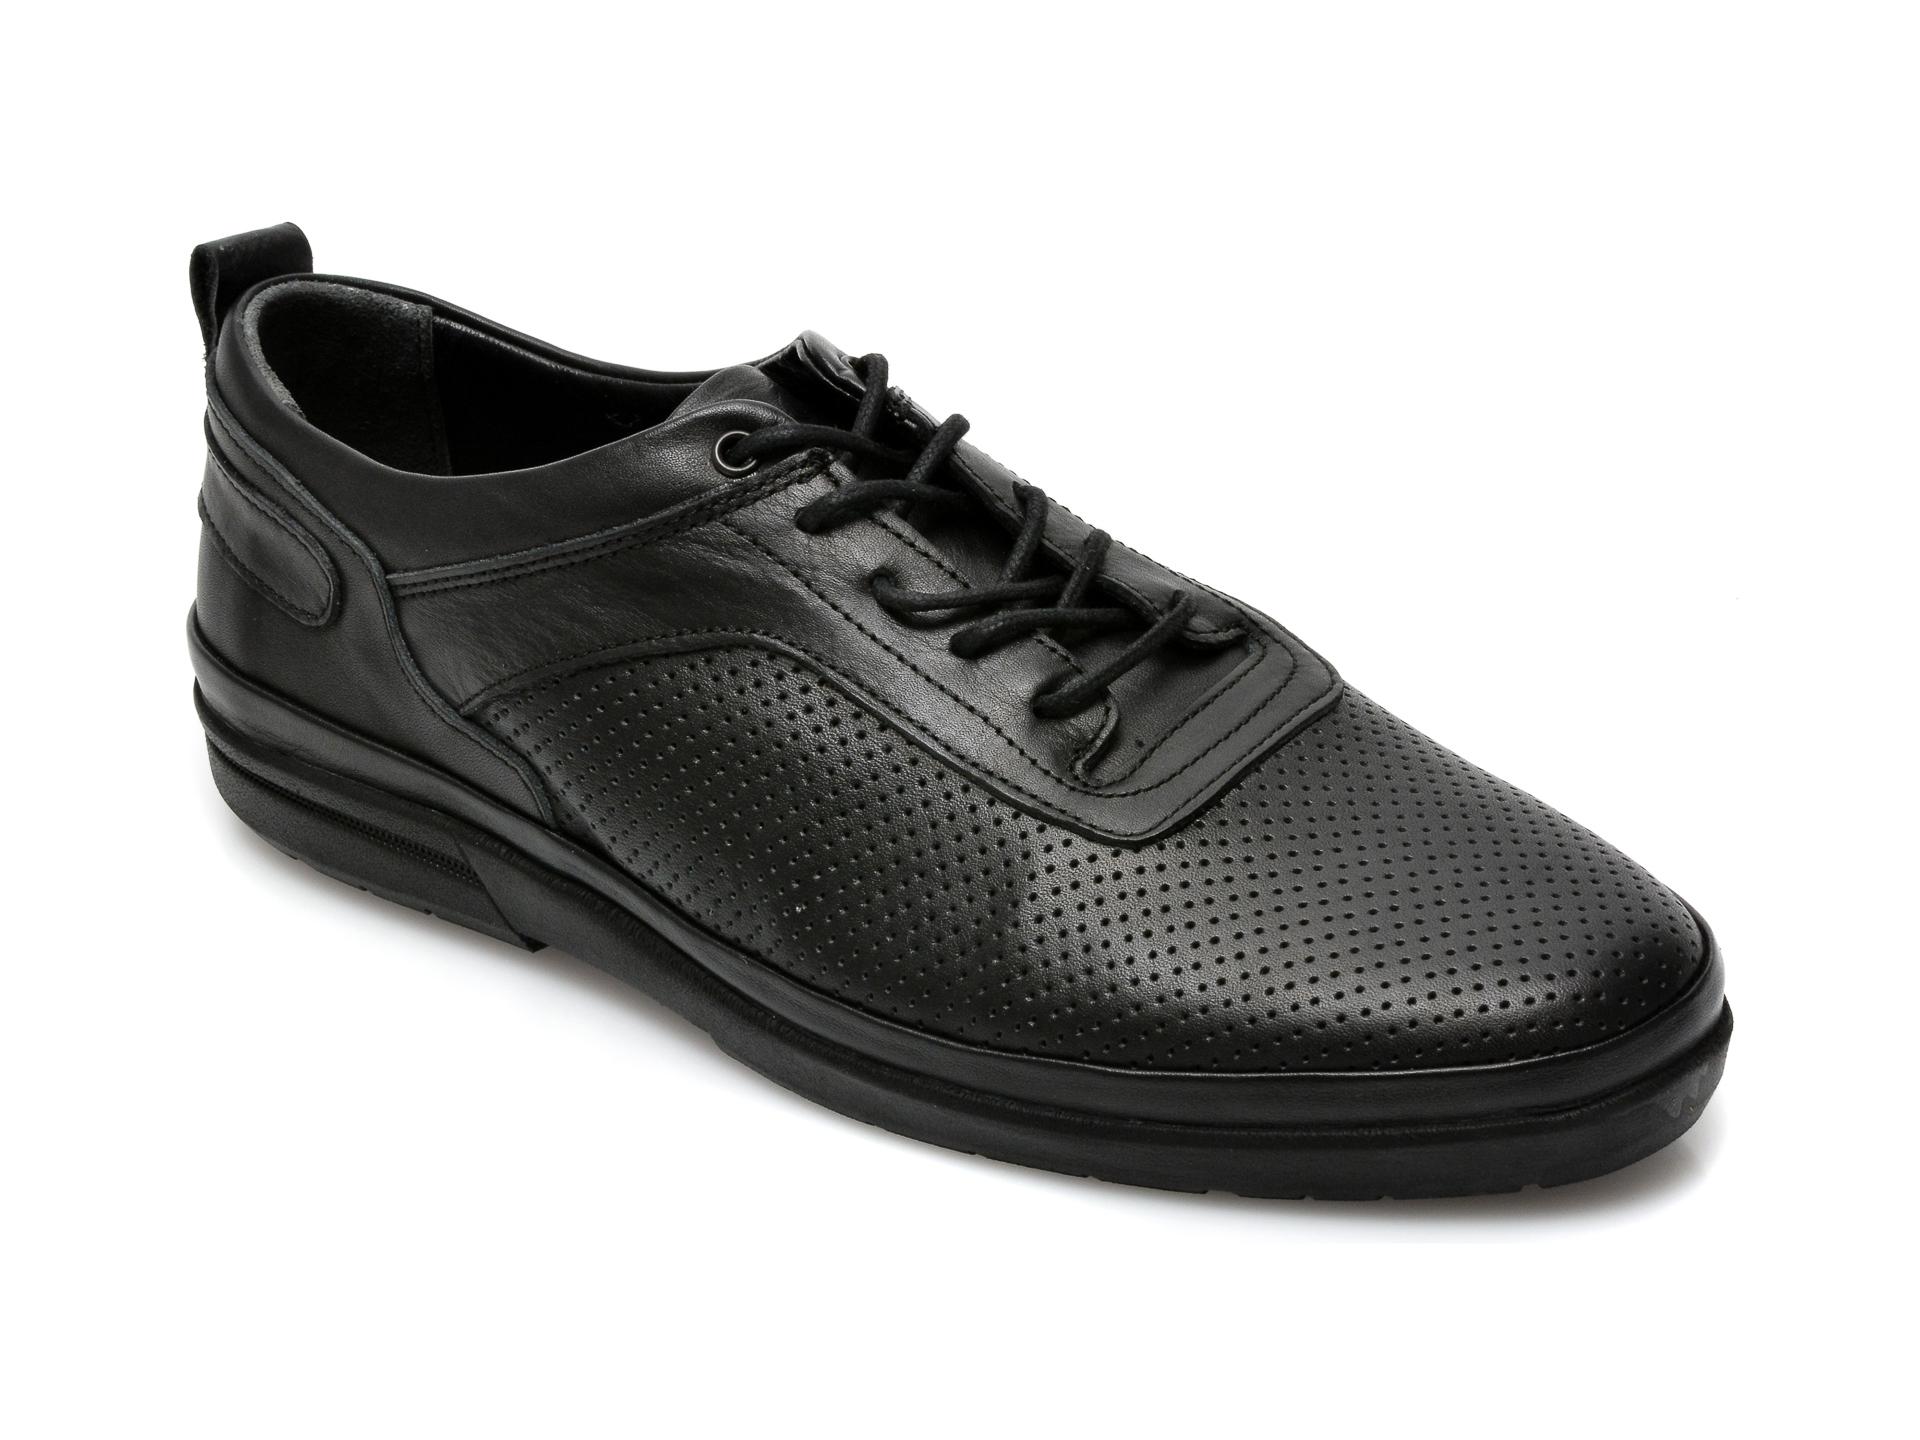 Pantofi OTTER negri, M6006, din piele naturala imagine otter.ro 2021